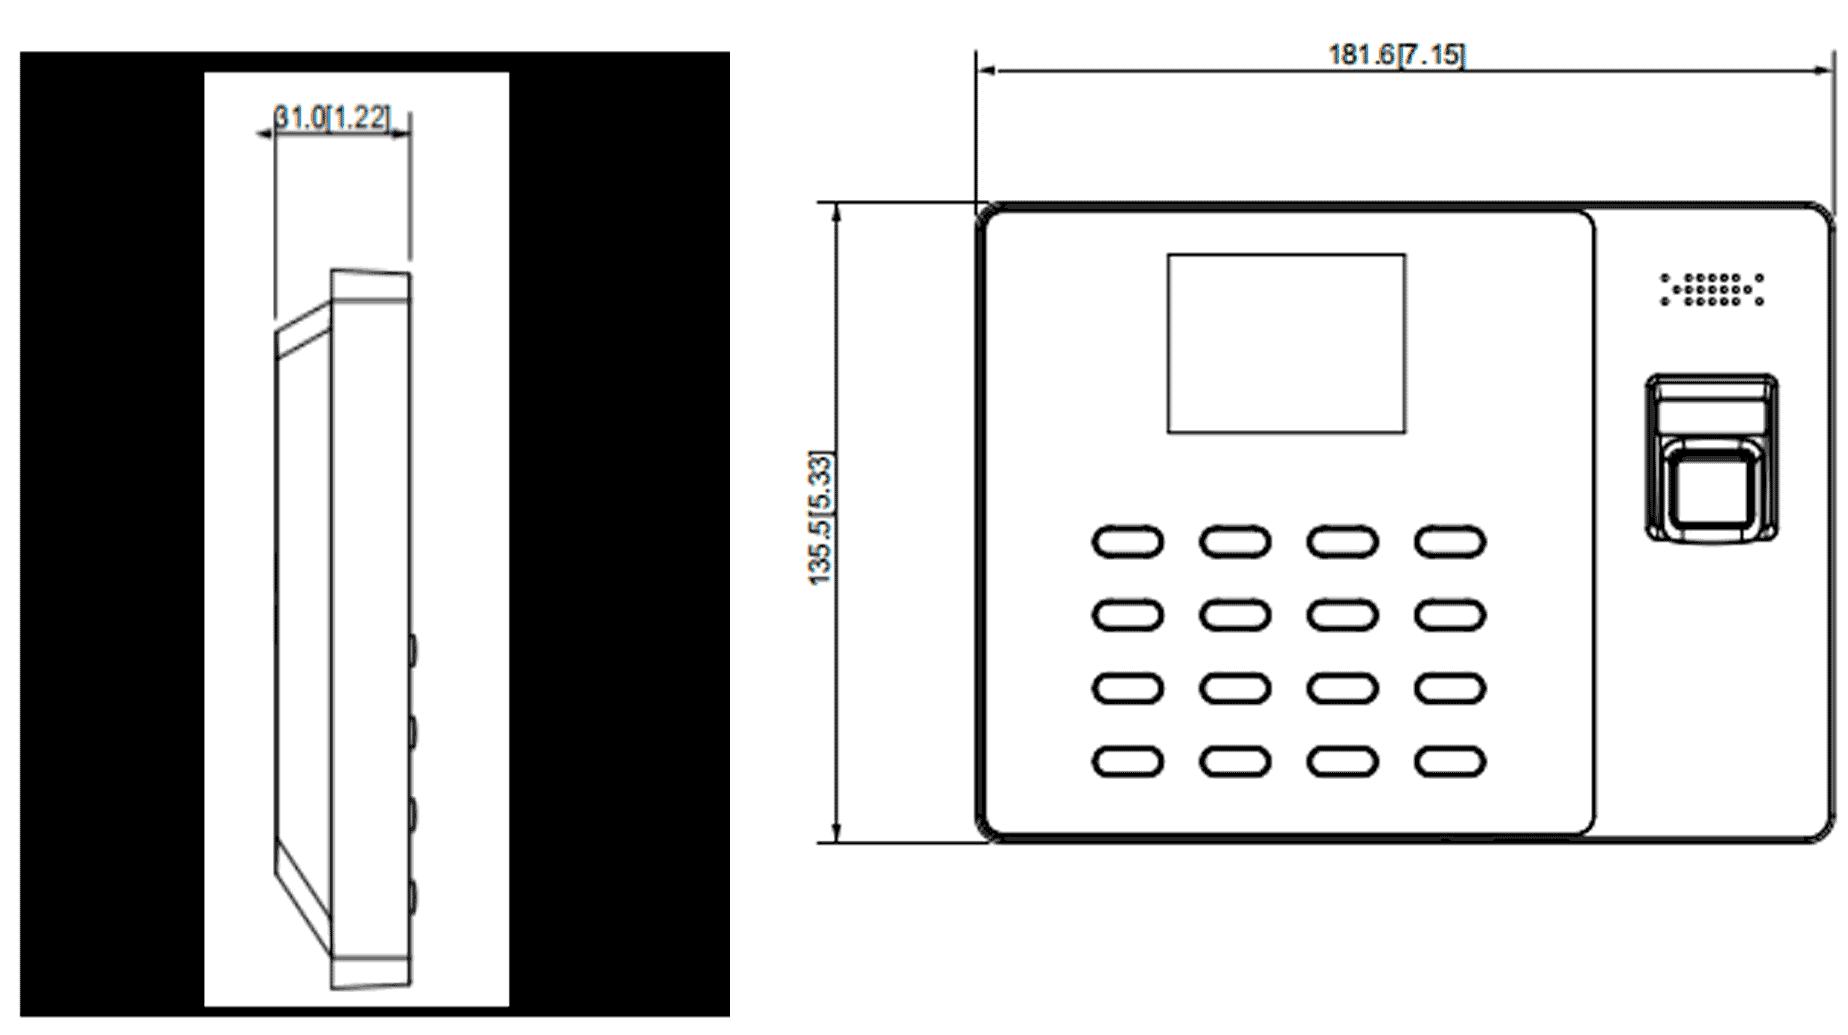 Sisterma-de-control-de-acceso-y-de-asistencia-basico-brinda-acceso-al-personal-por-medio-de-huella-tarjeta-y-password-con-boton-liberador-Dahua-ASA1222G-3